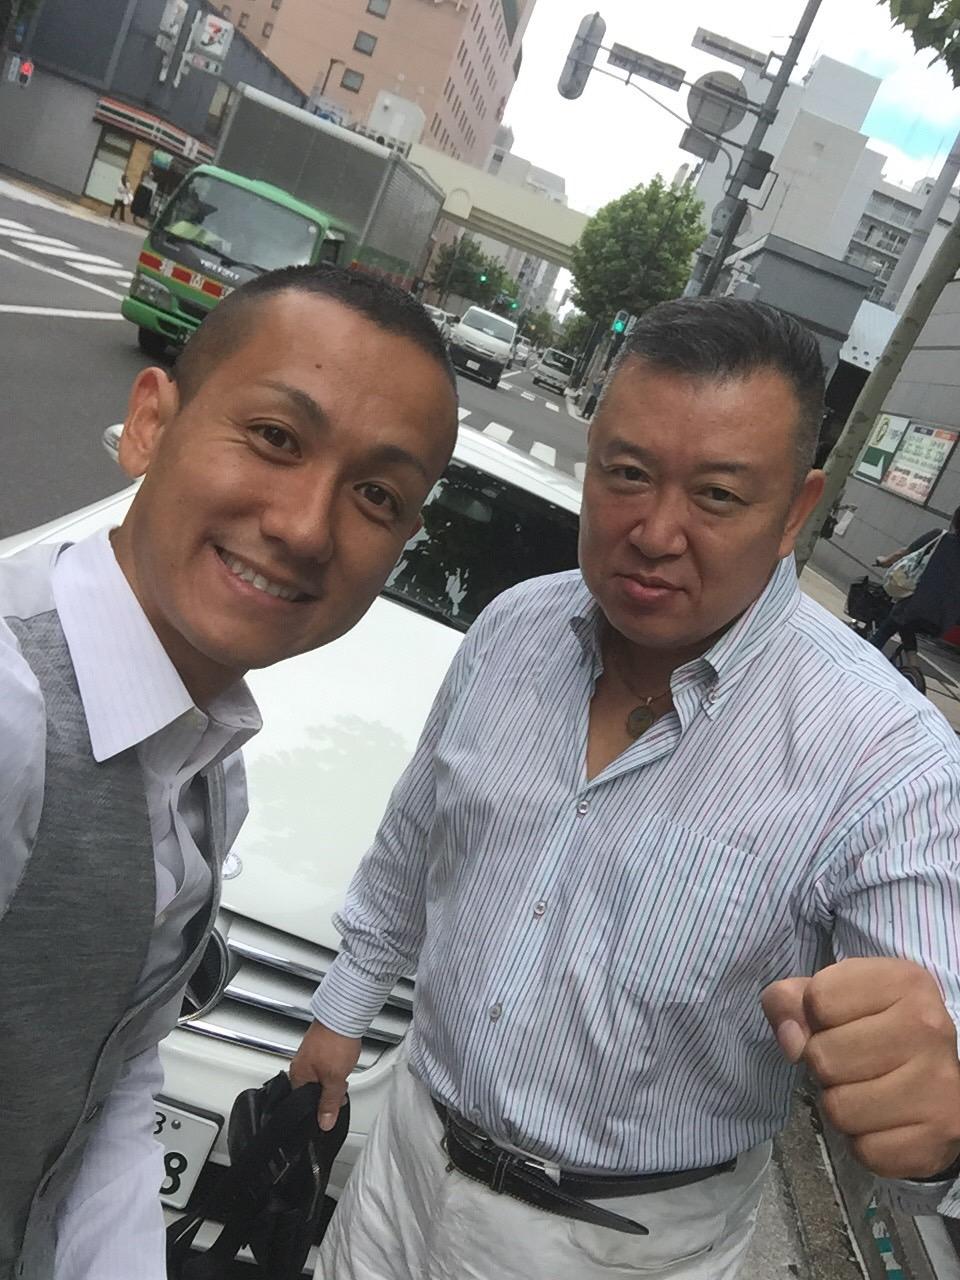 マサブロヽ(^o^)丿本日納車2台!ランクル、ハマー、アルファード_b0127002_2020637.jpg